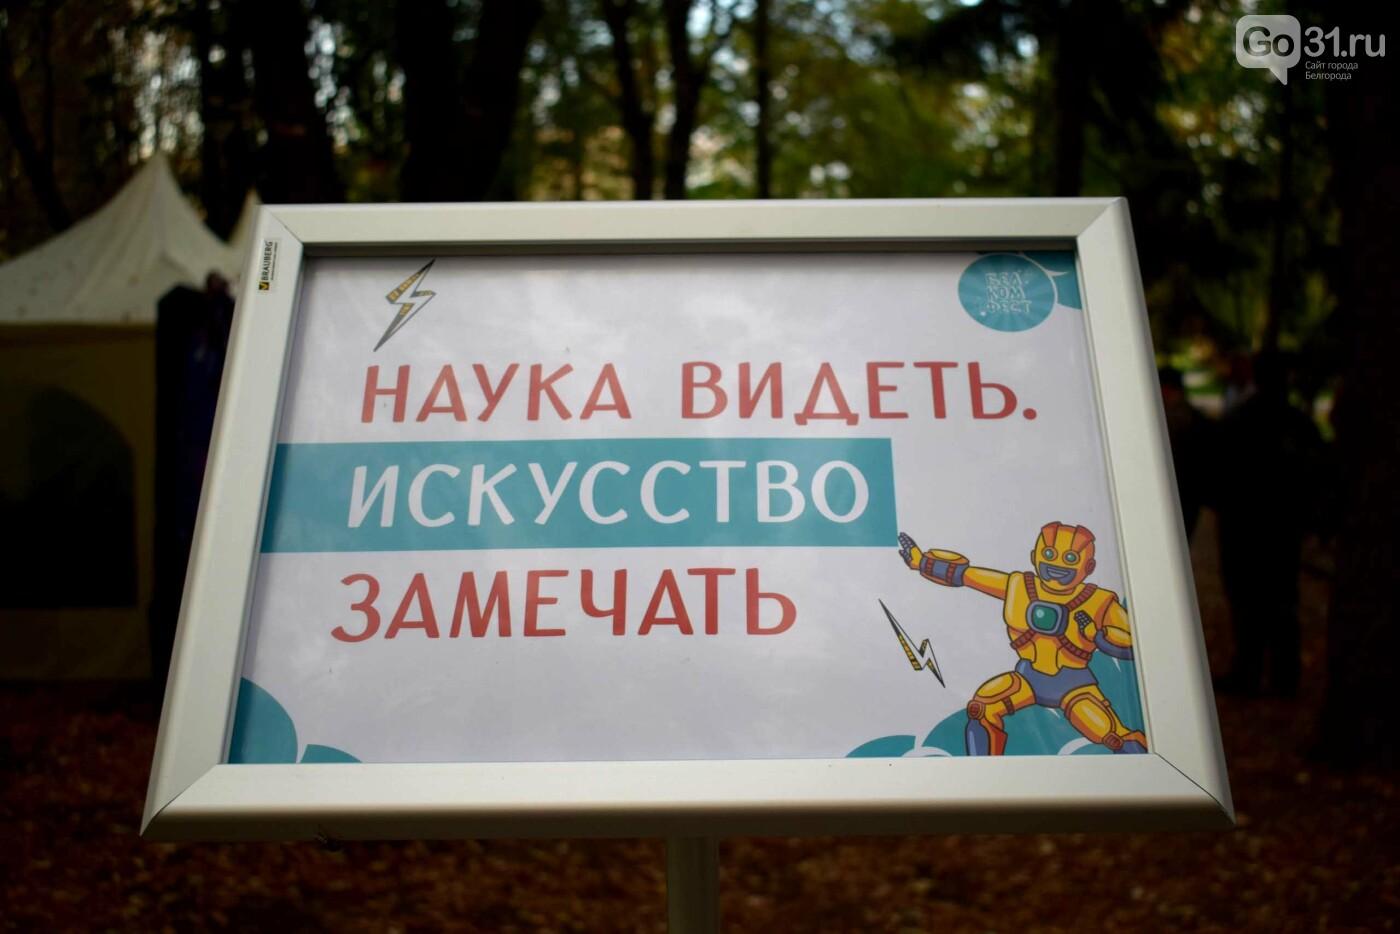 Комиксы, куклы, карильон. В Белгороде прошёл фестиваль «Я – в культуре. Культура – во мне», фото-2